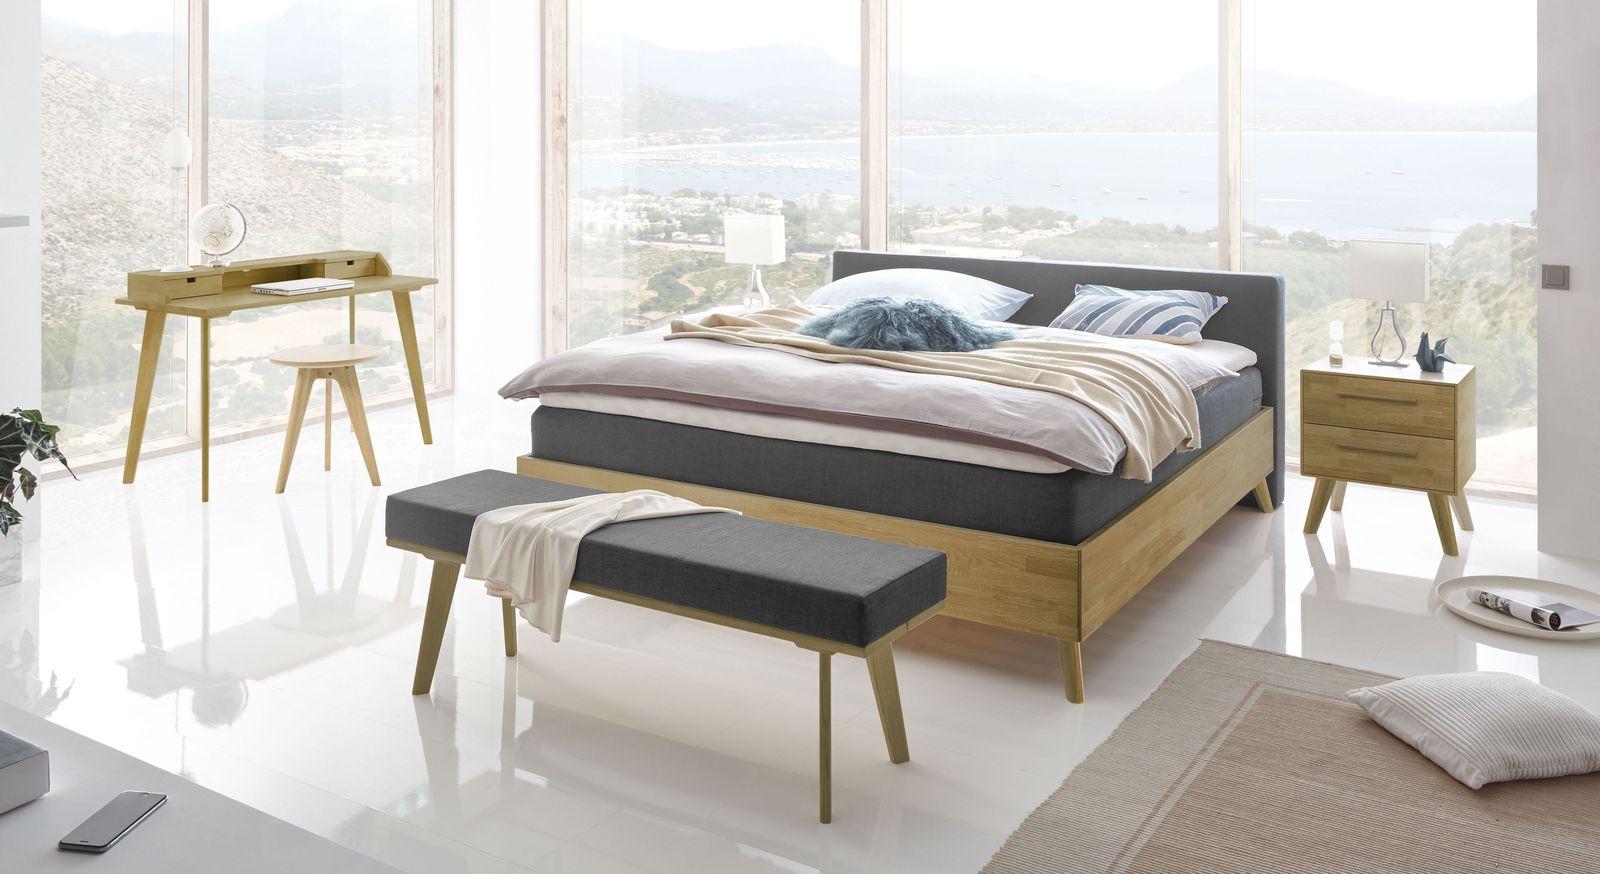 Boxspringbett Gandio mit passenden Schlafzimmermöbeln